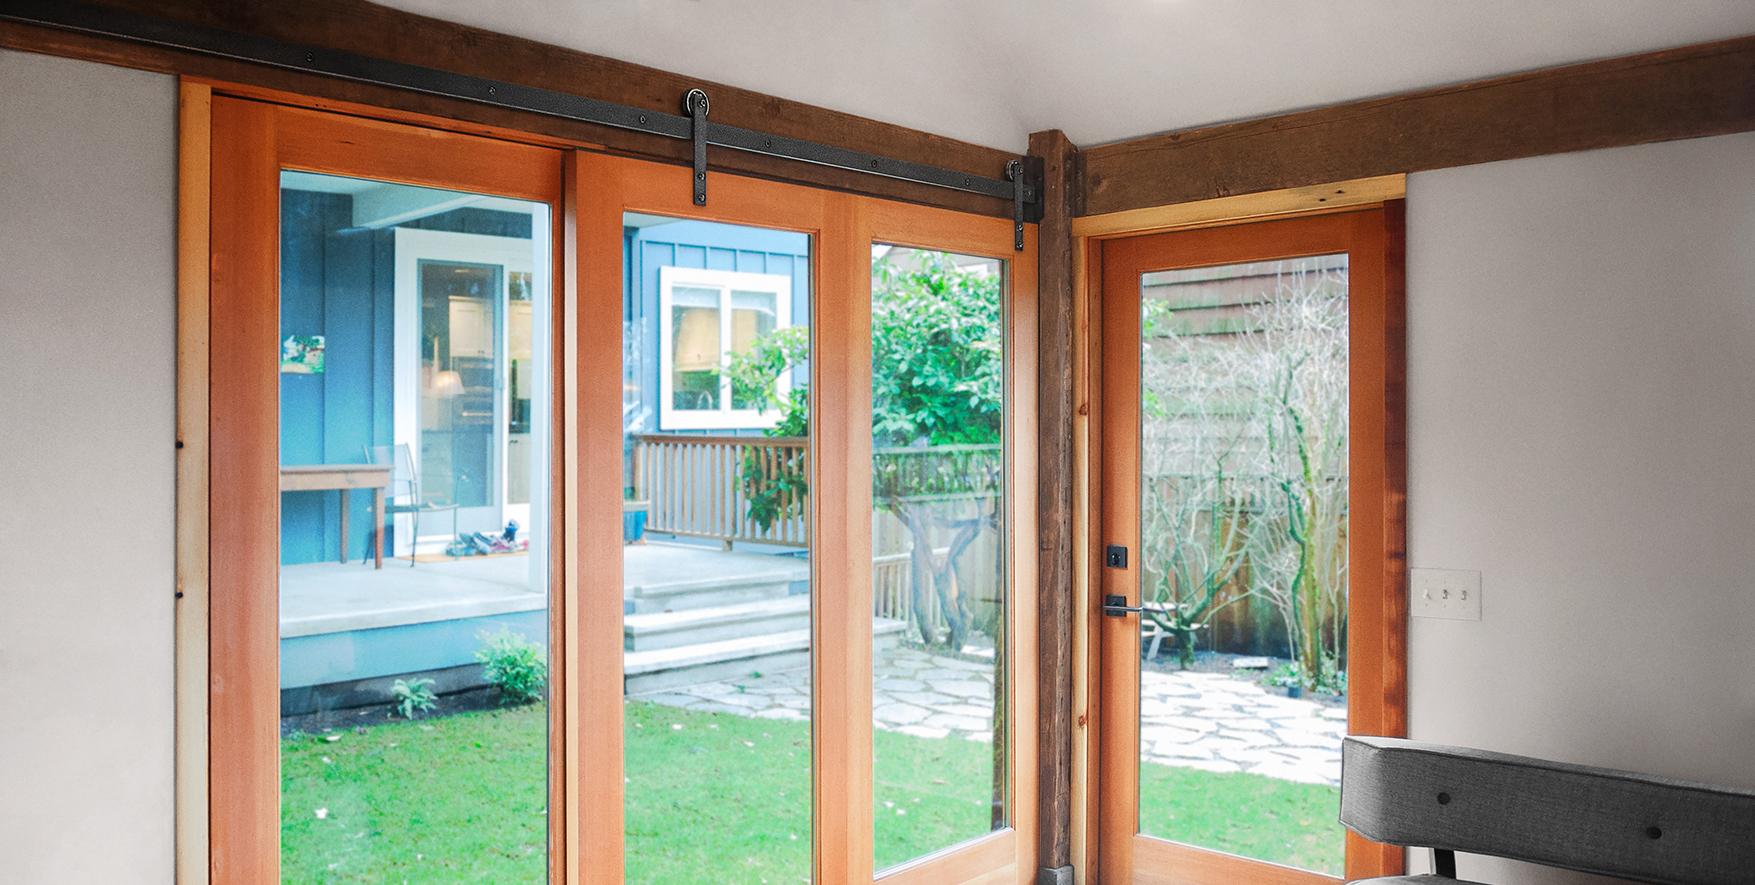 100 barn door systems dorma glass door rails images glass d